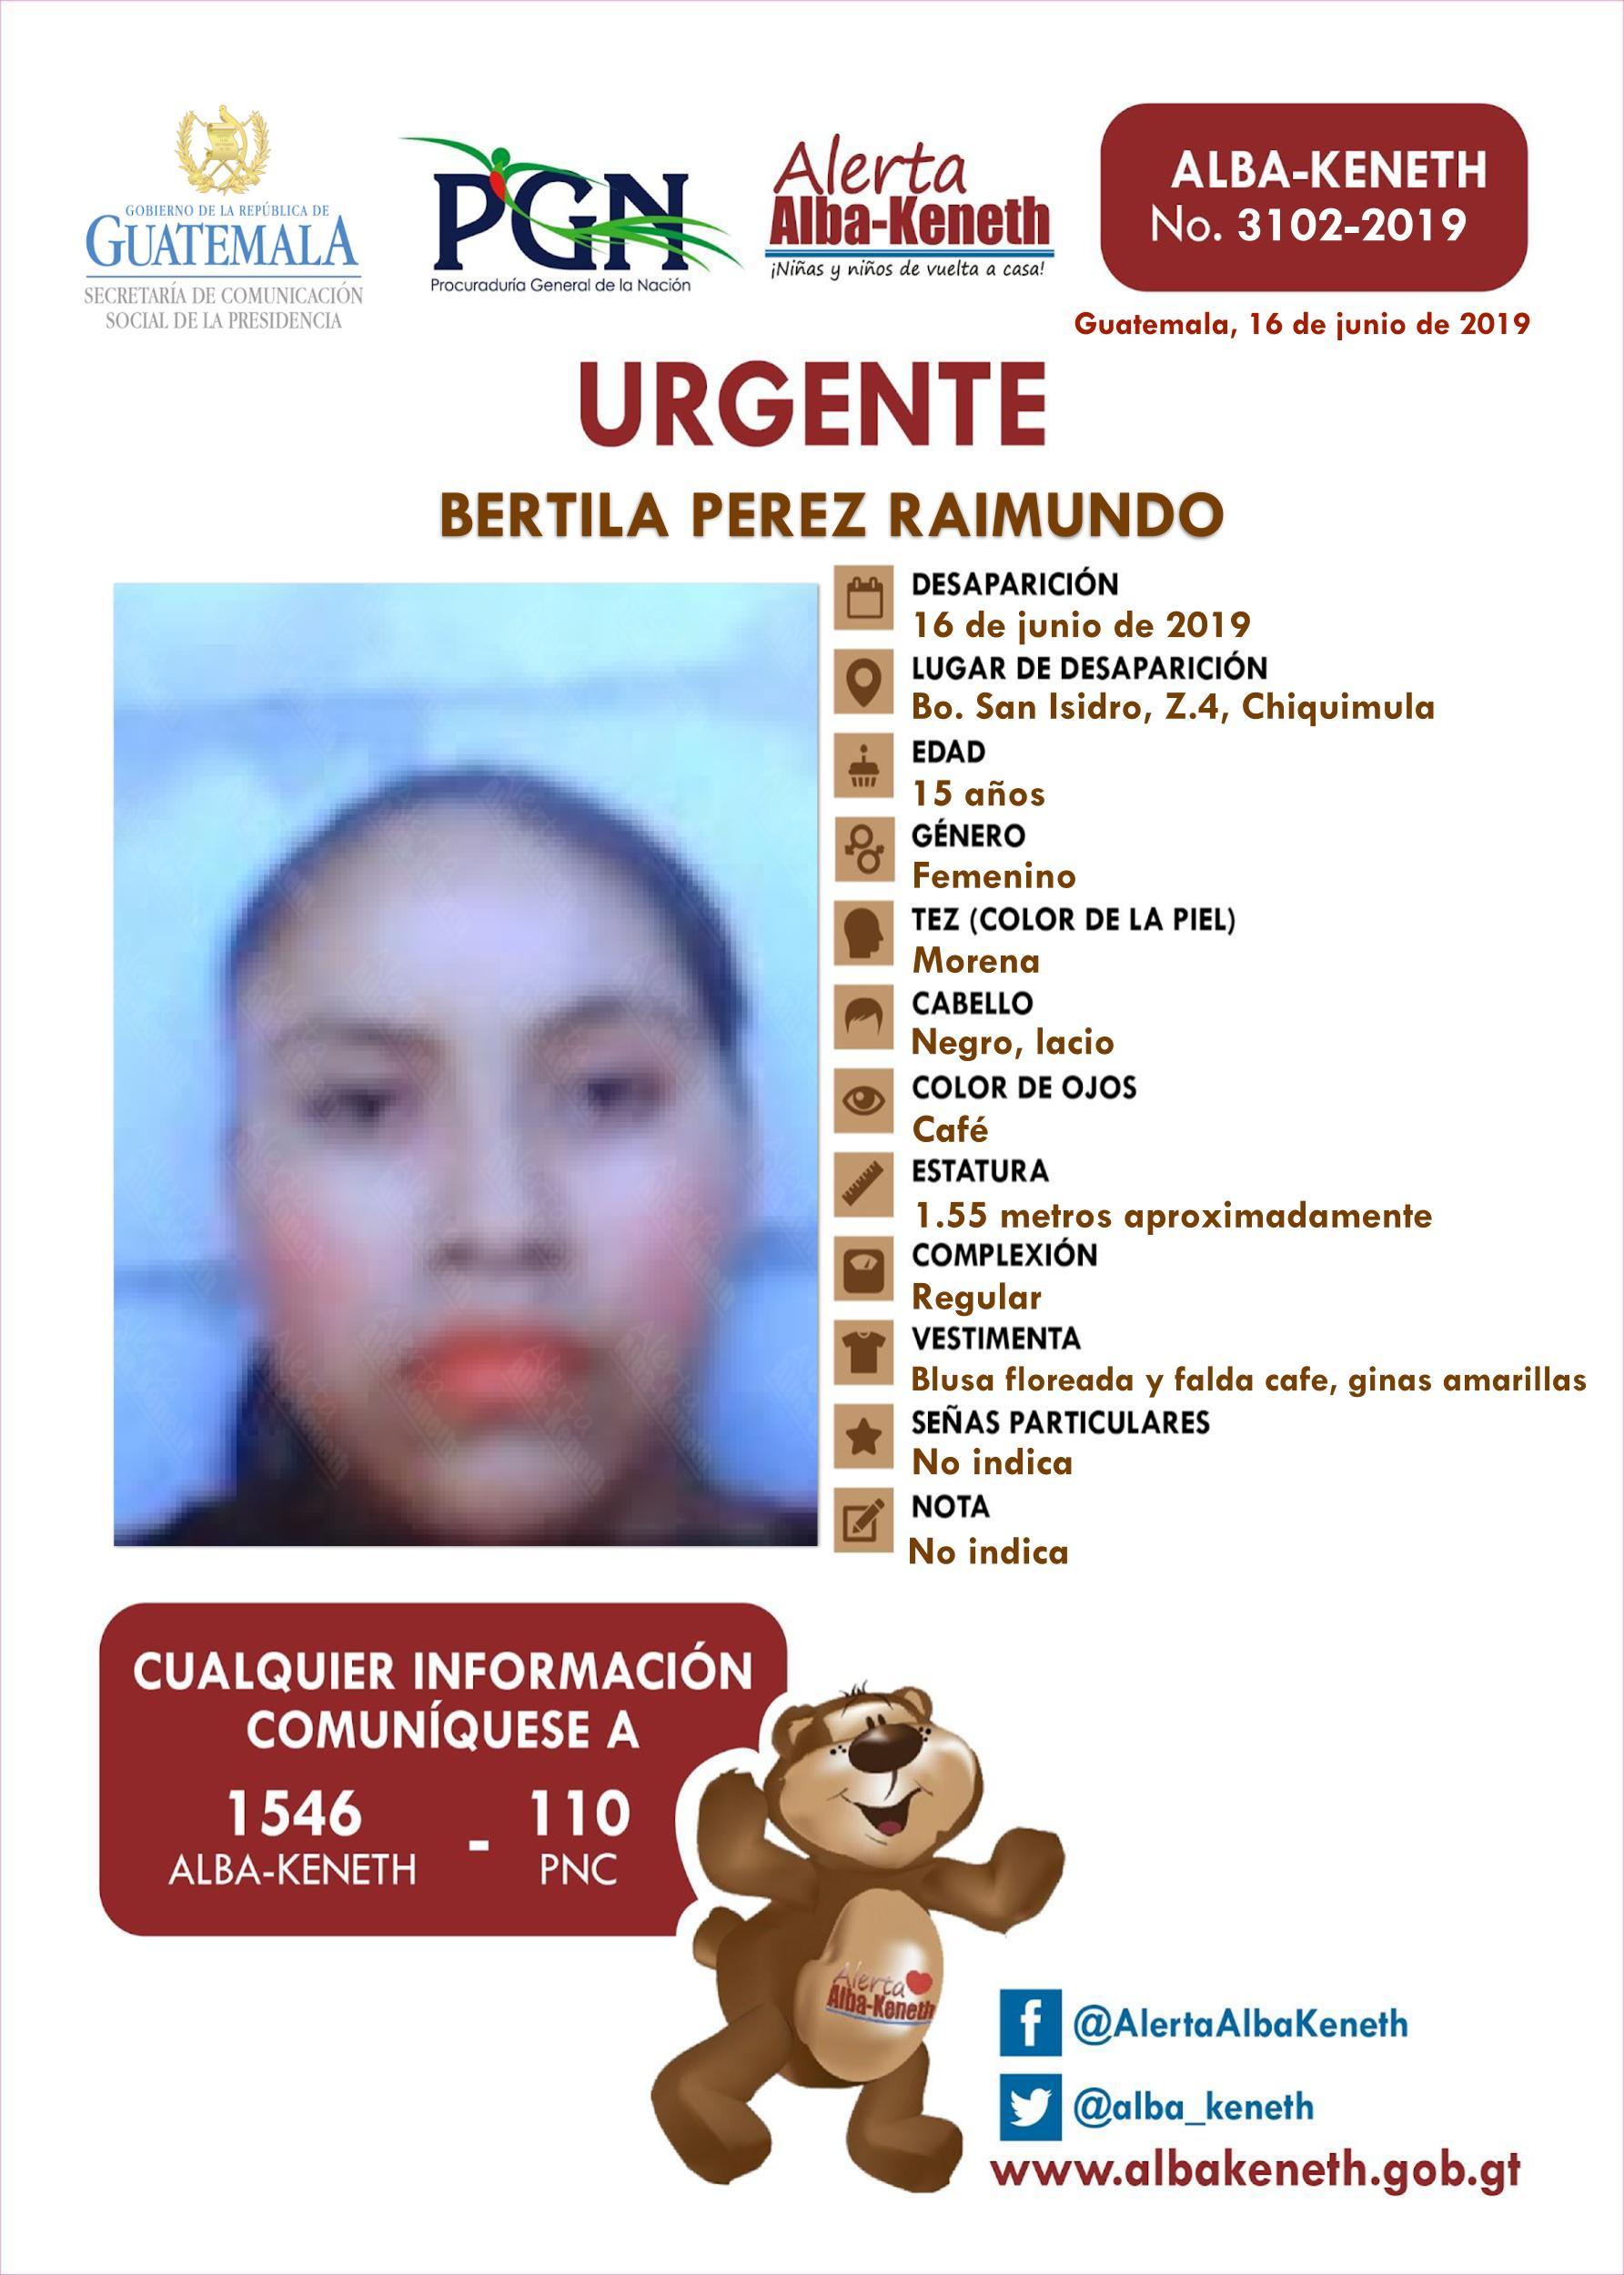 Bertila Perez Raimundo